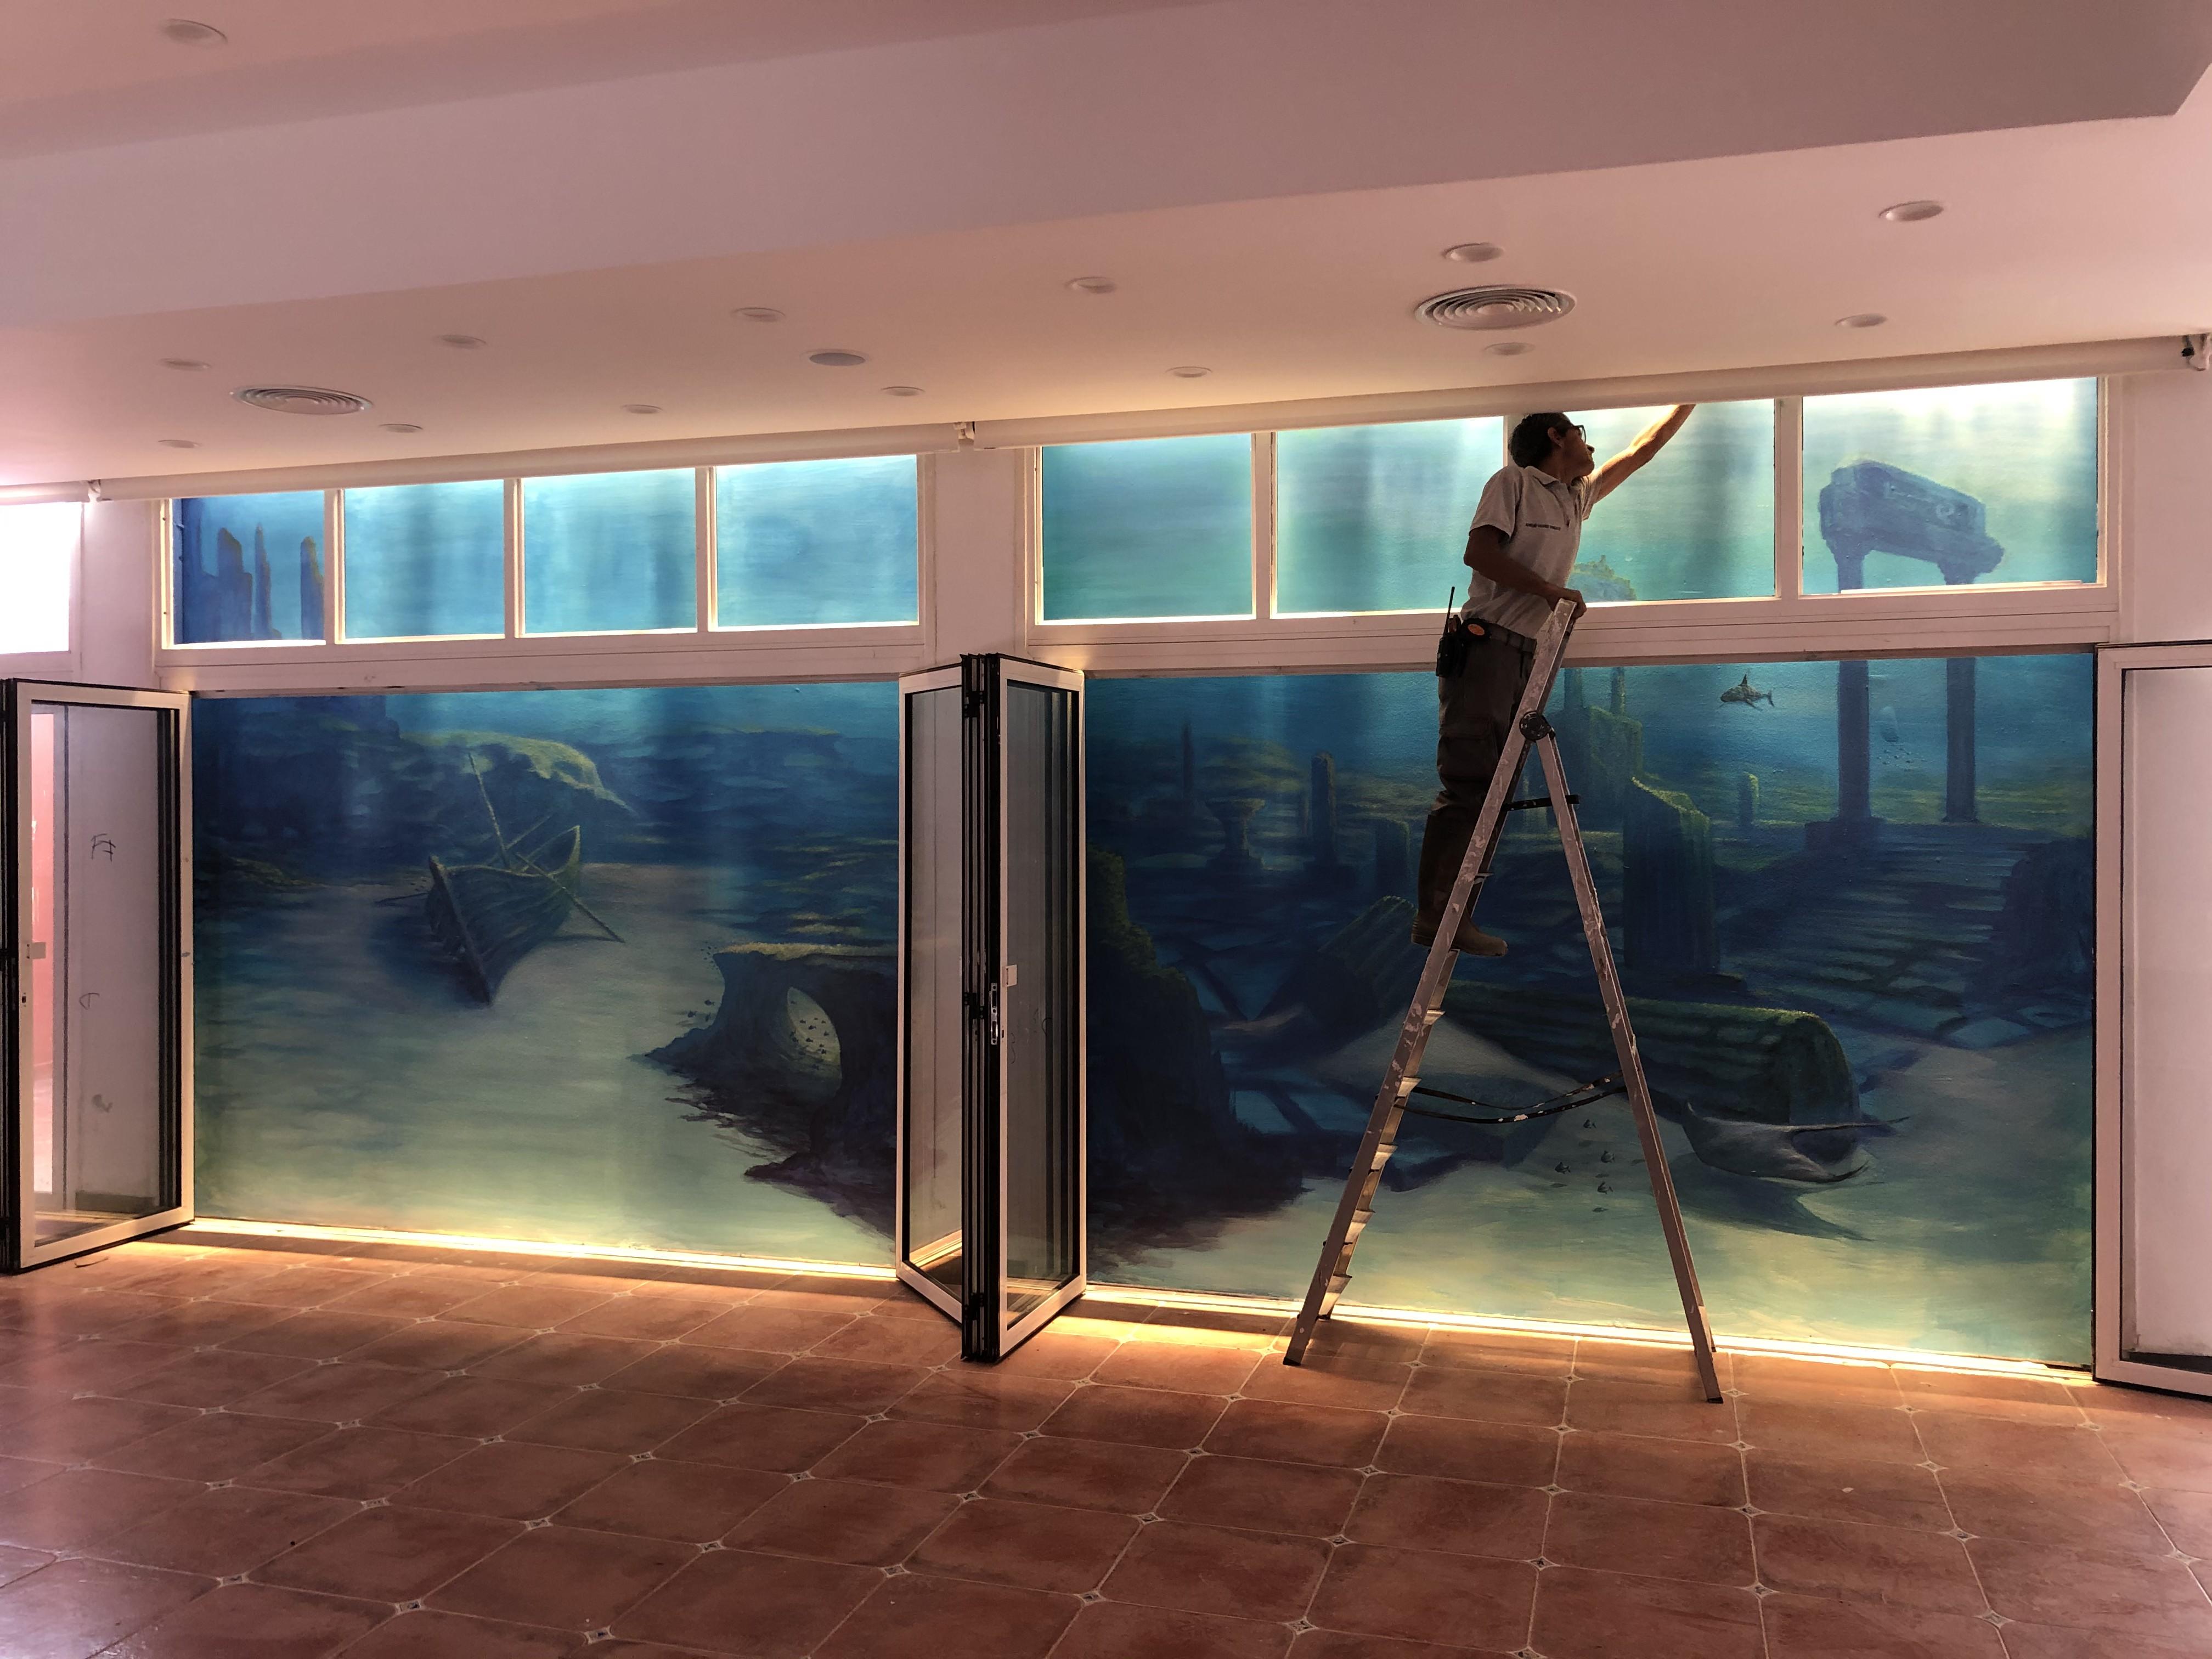 Victor, der Maler des Hotels El Duque